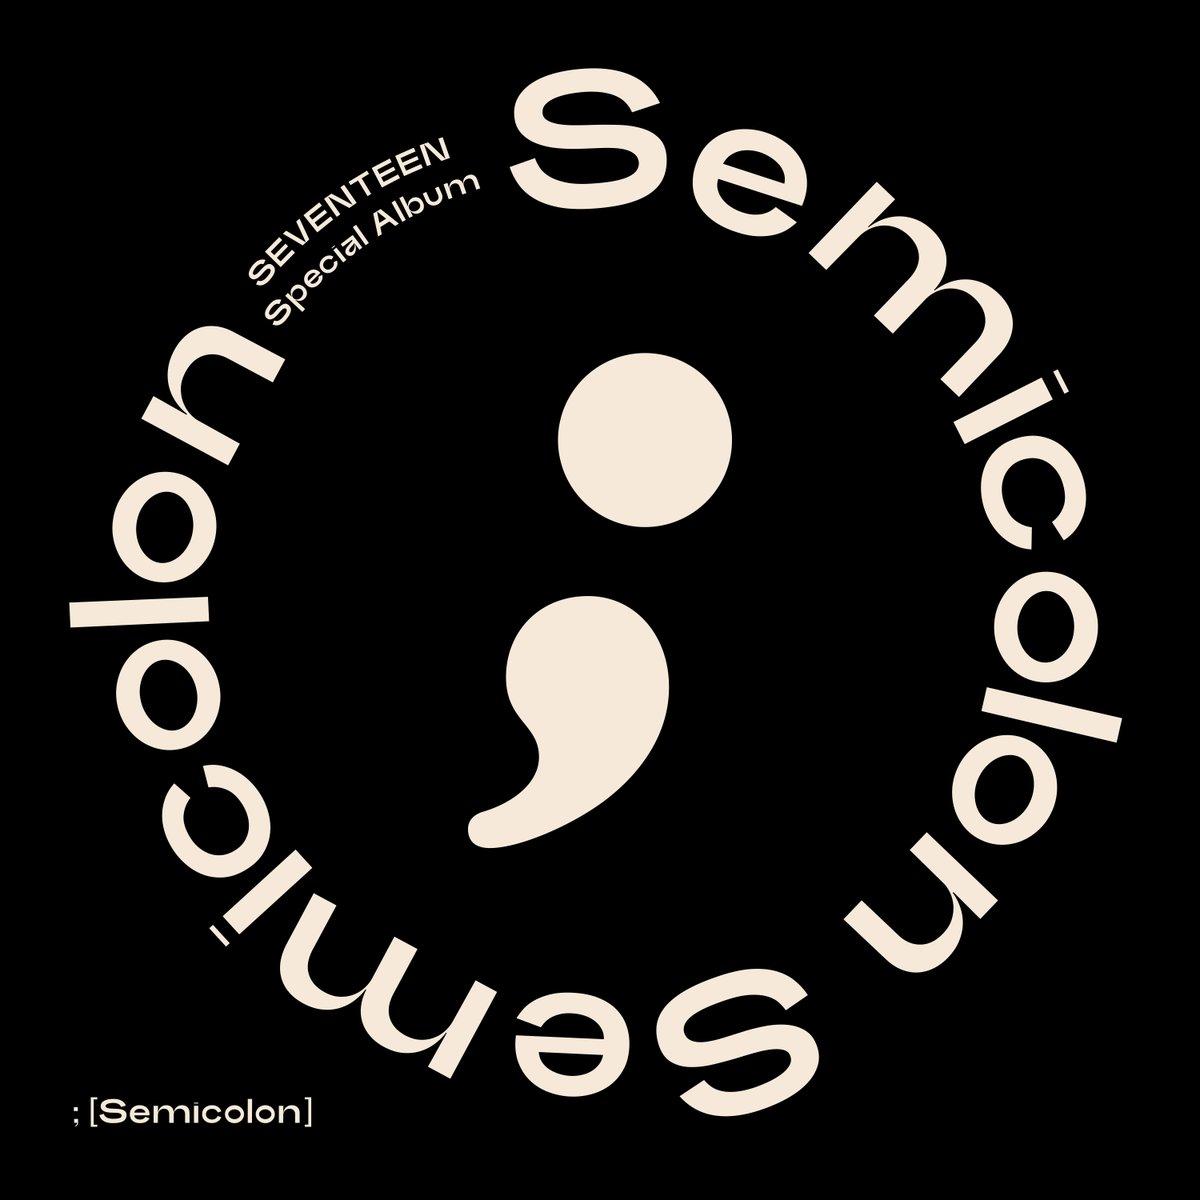 """세븐틴(SEVENTEEN) on Twitter: """"SEVENTEEN (세븐틴) Special Album '; [Semicolon]'  Online Cover #SEVENTEEN #세븐틴 #Semicolon #세미콜론 #HOME_RUN #201019_6pm #세븐틴의_청춘_홈런_또_홈런…  https://t.co/559BuRJxv0"""""""